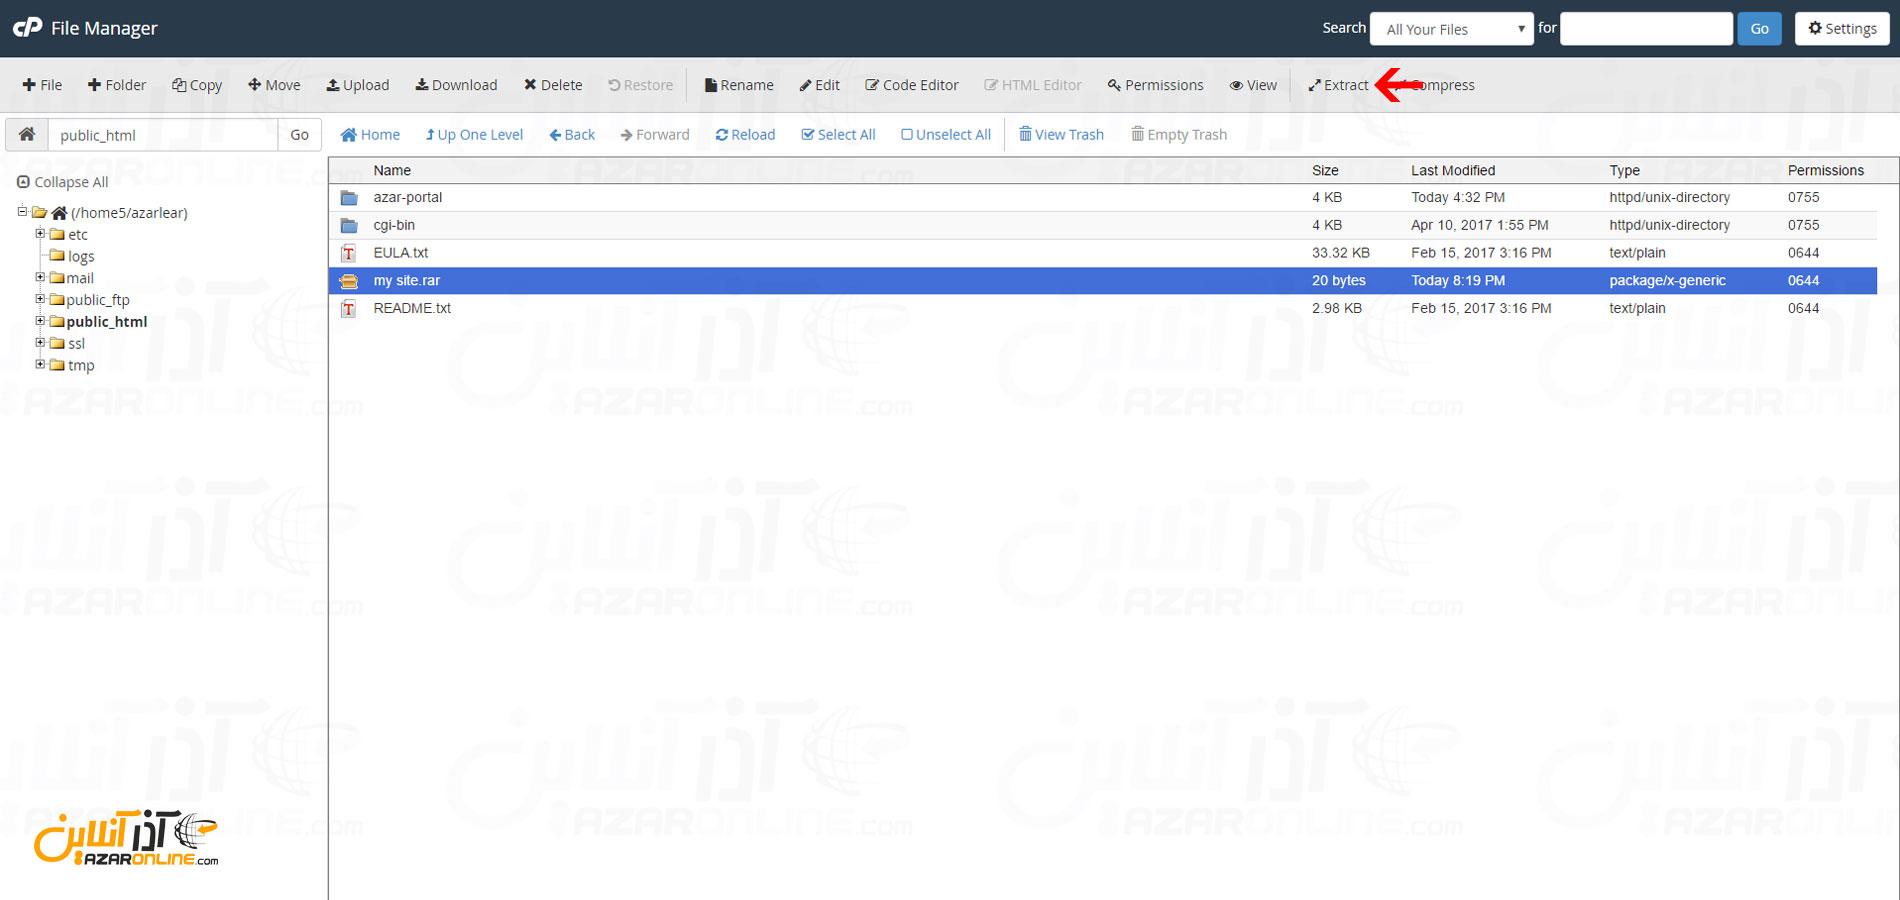 آموزش آپلود سایت - خارج سازی فایل ها از فایل zip